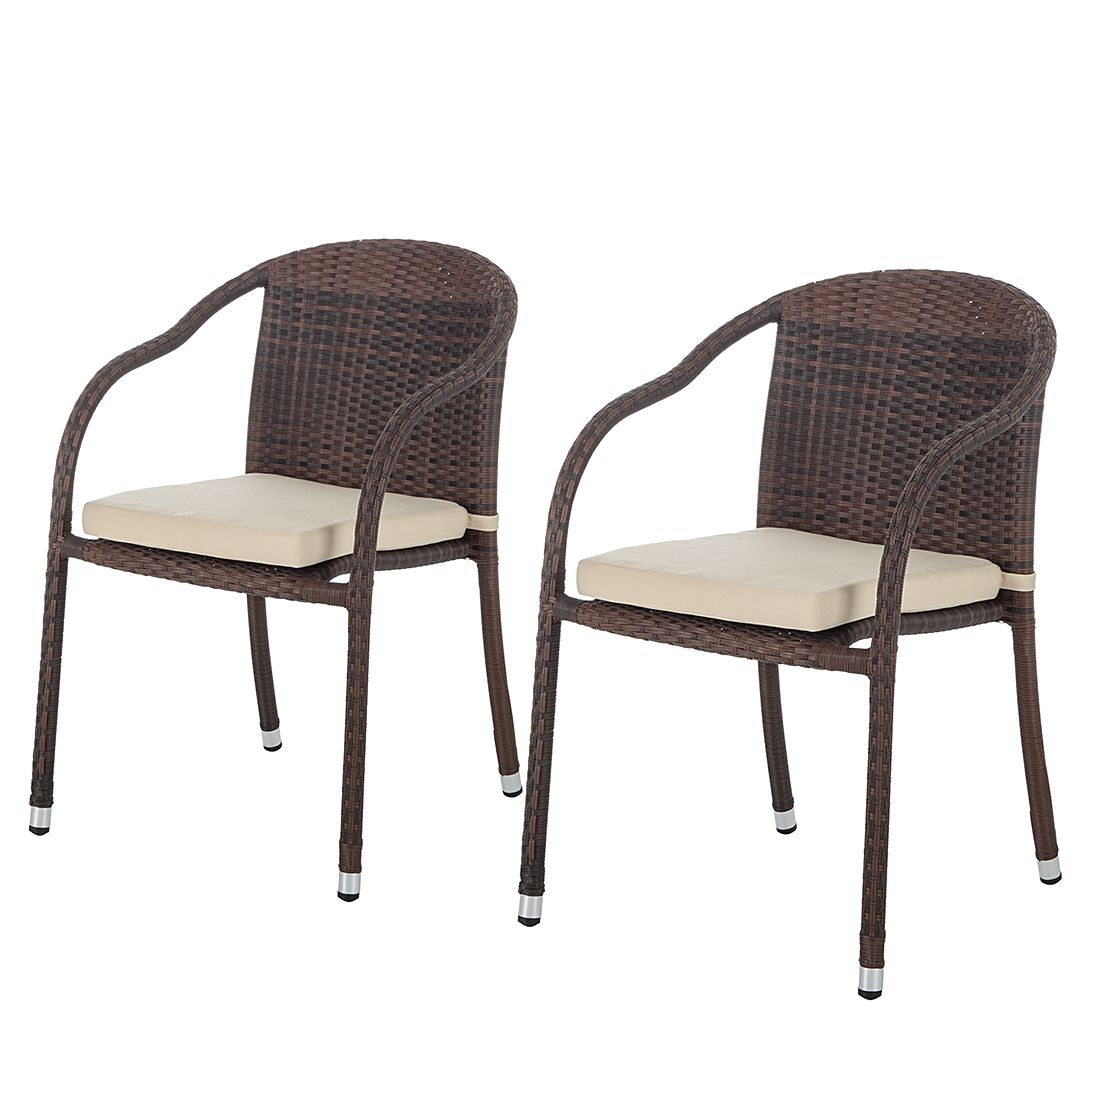 Esszimmer Stühle Polyrattan Garten Esszimmer Tisch 4 Sessel Vanda Grau